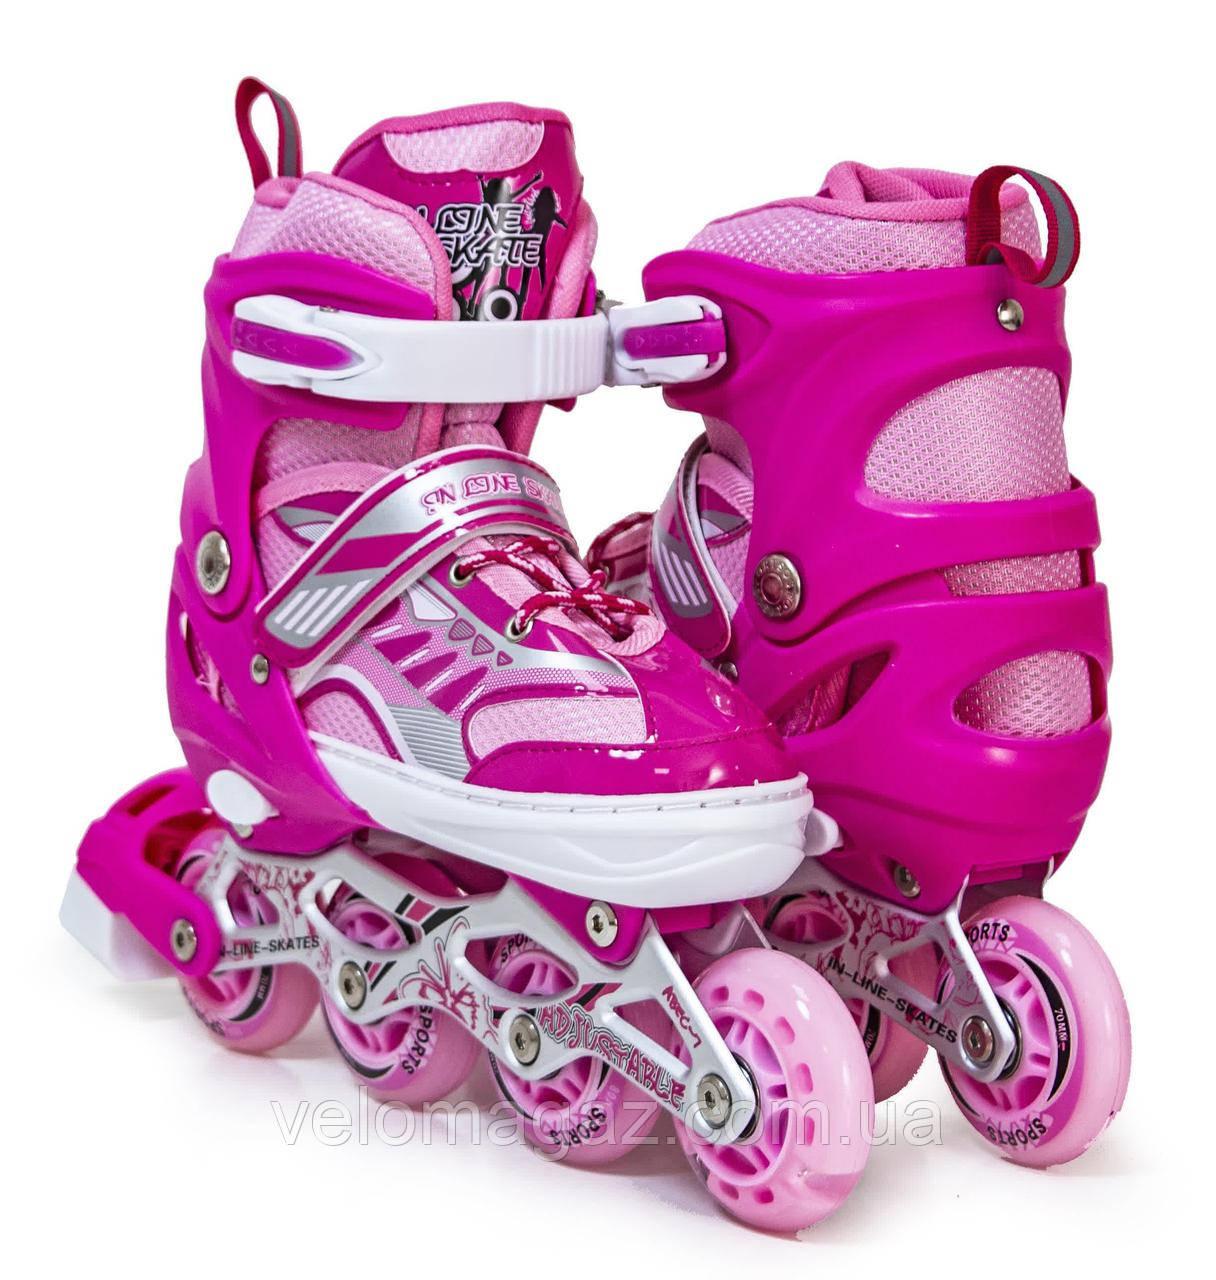 """Розсувні ролики """"Inline Skate"""" HAPPY-2, рожеві, світяться колеса"""